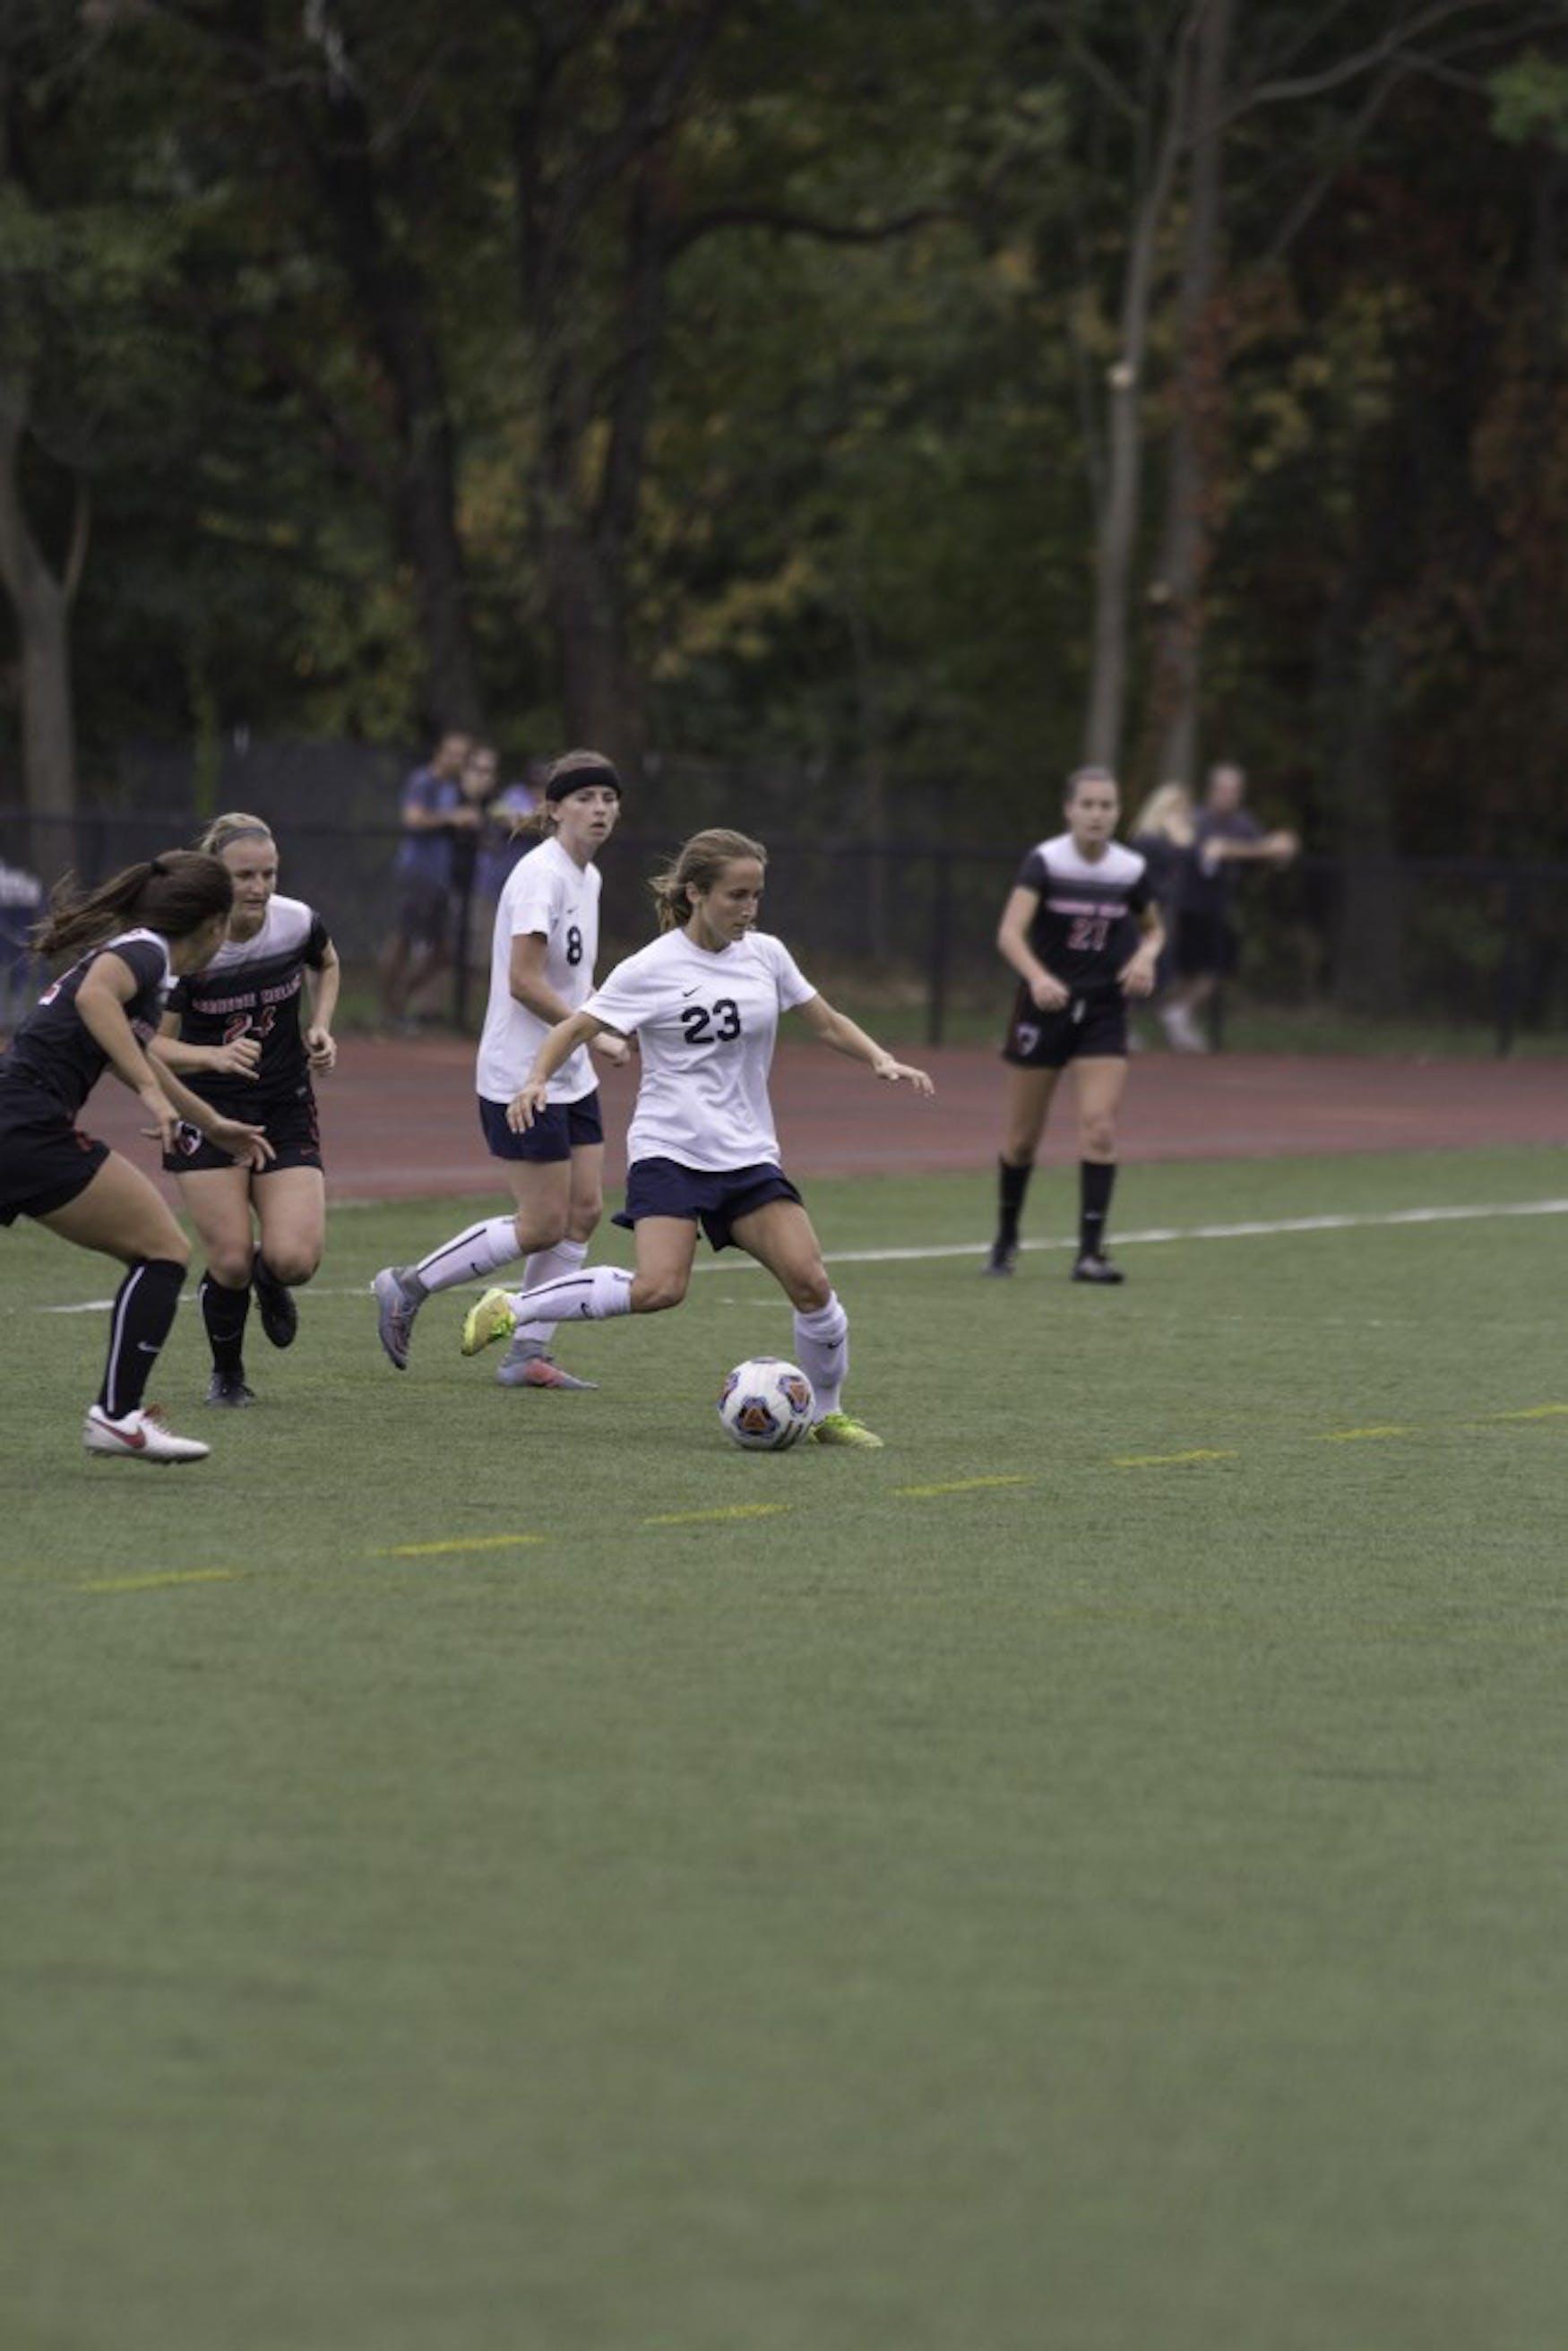 soccer-w-vs-carnegie-mellon-10-7-17-nw-0038-copy